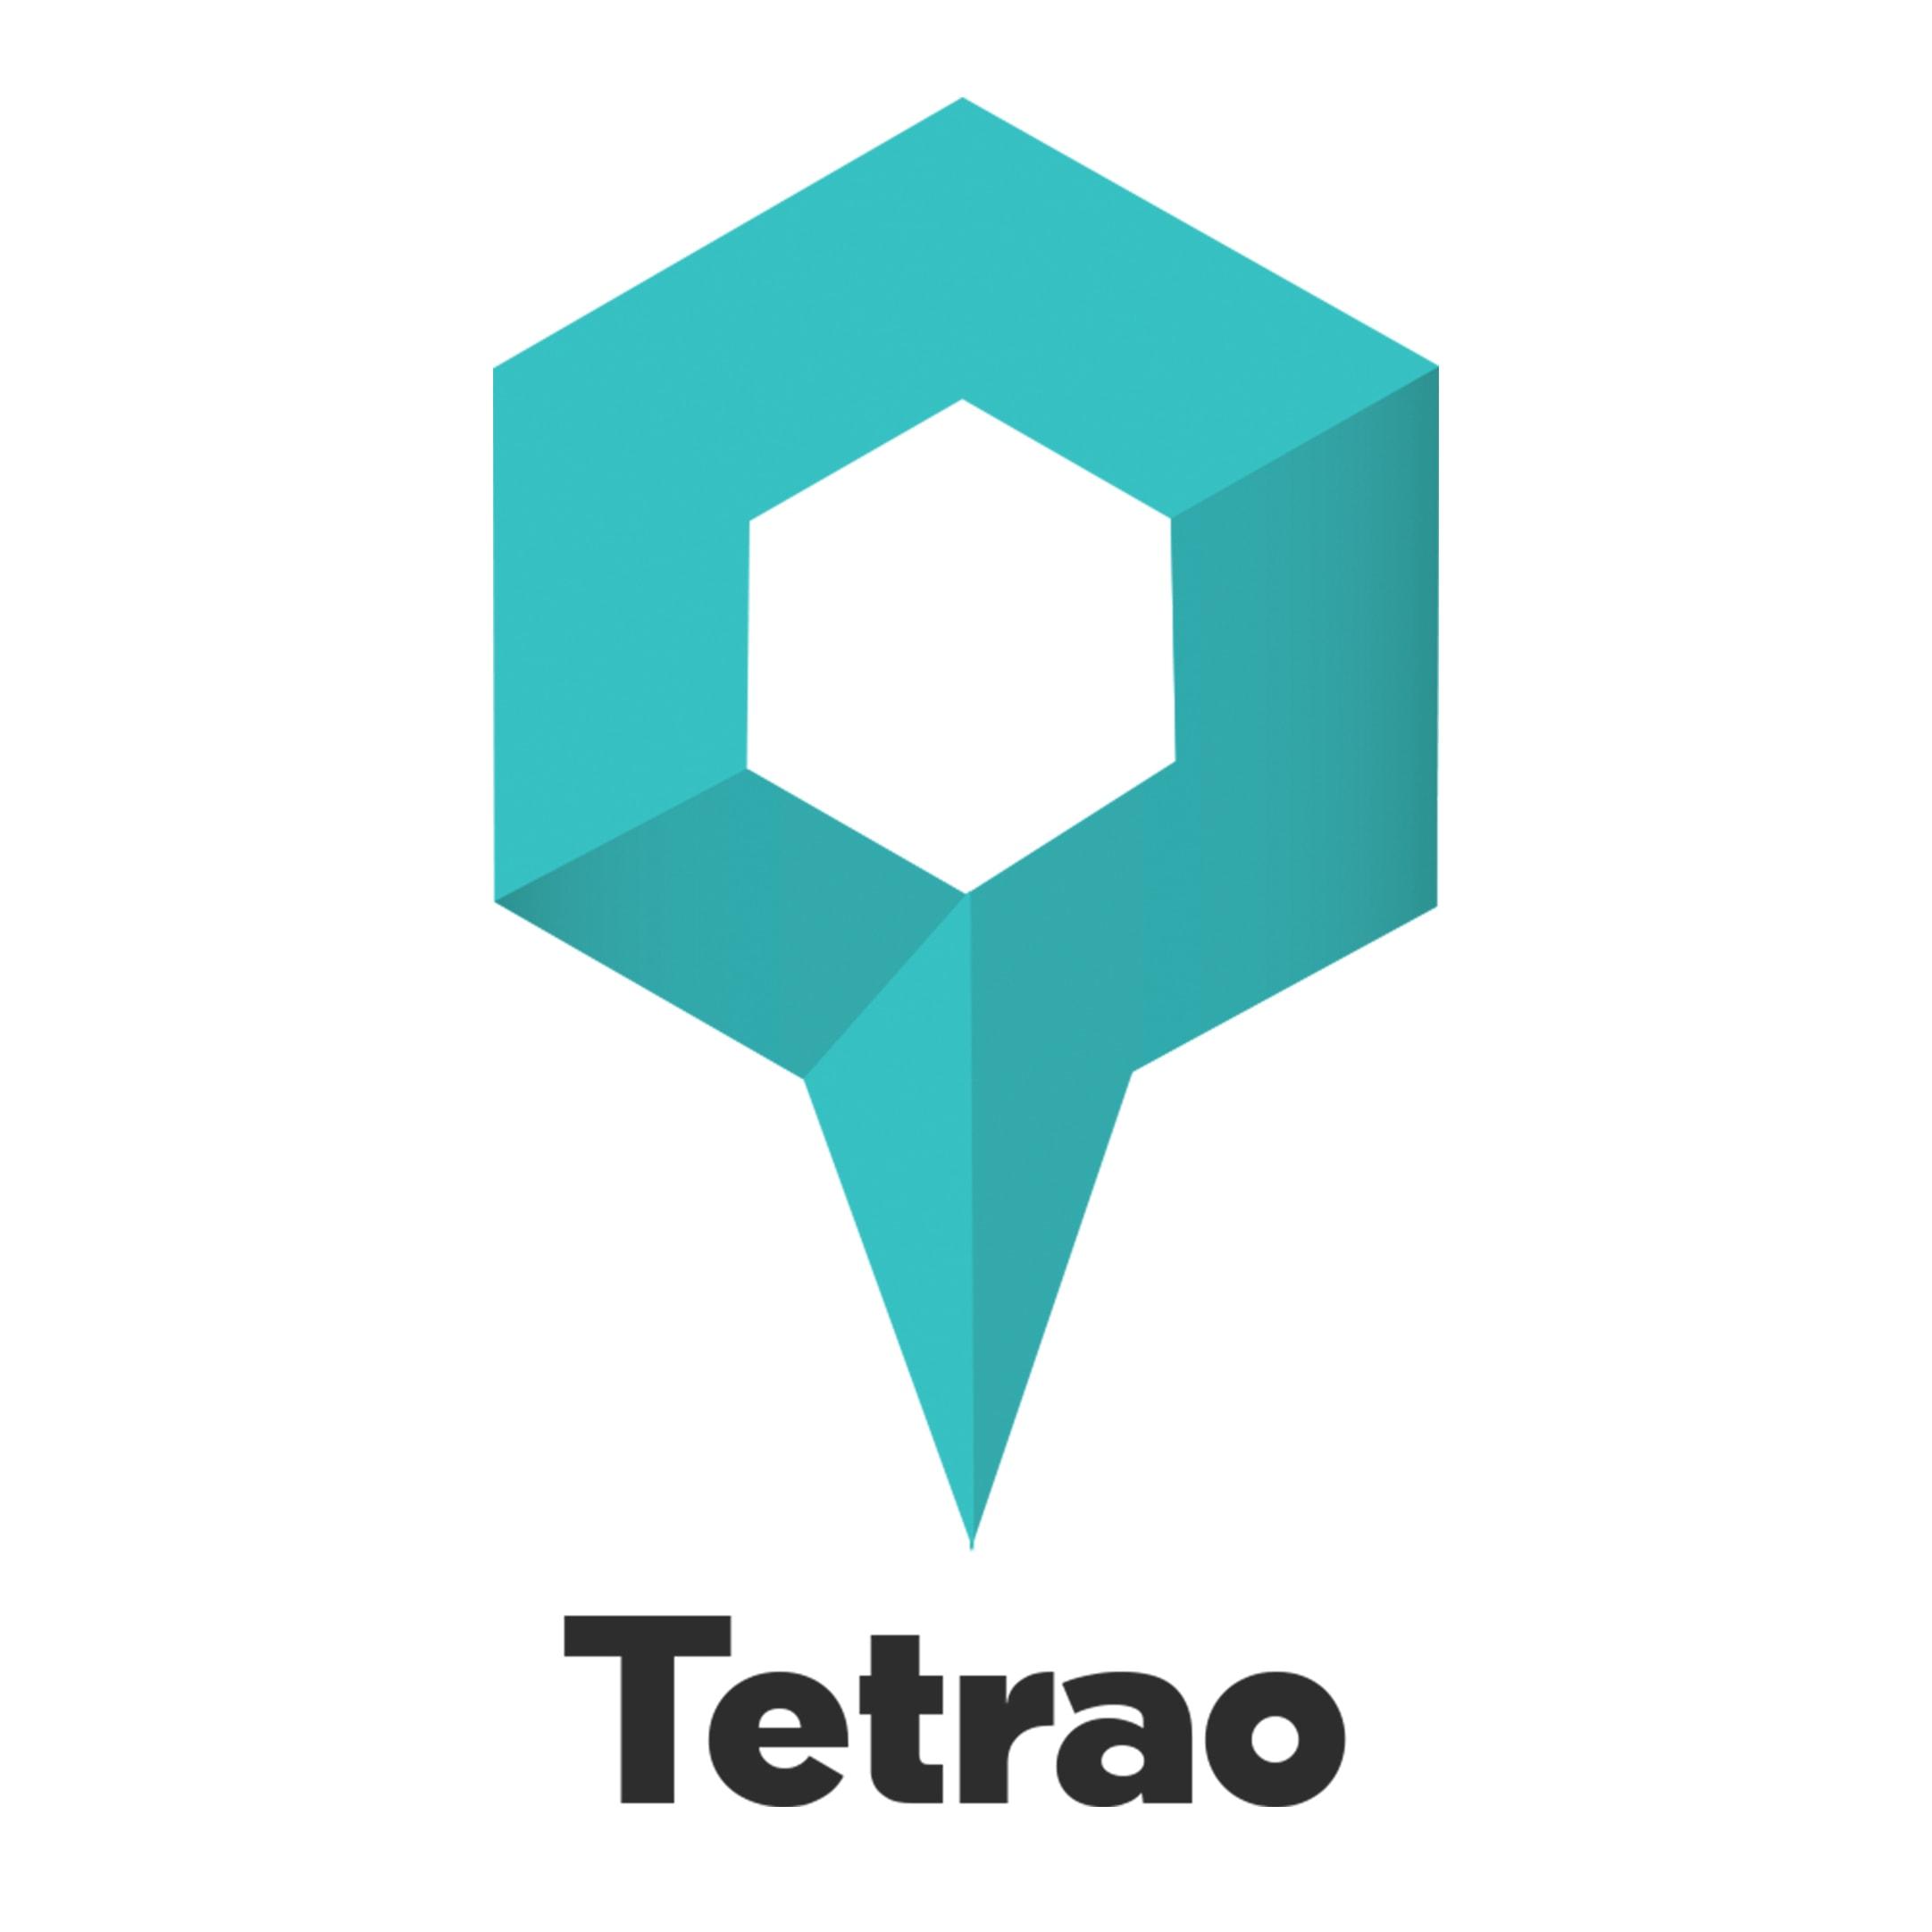 Tetrao icon